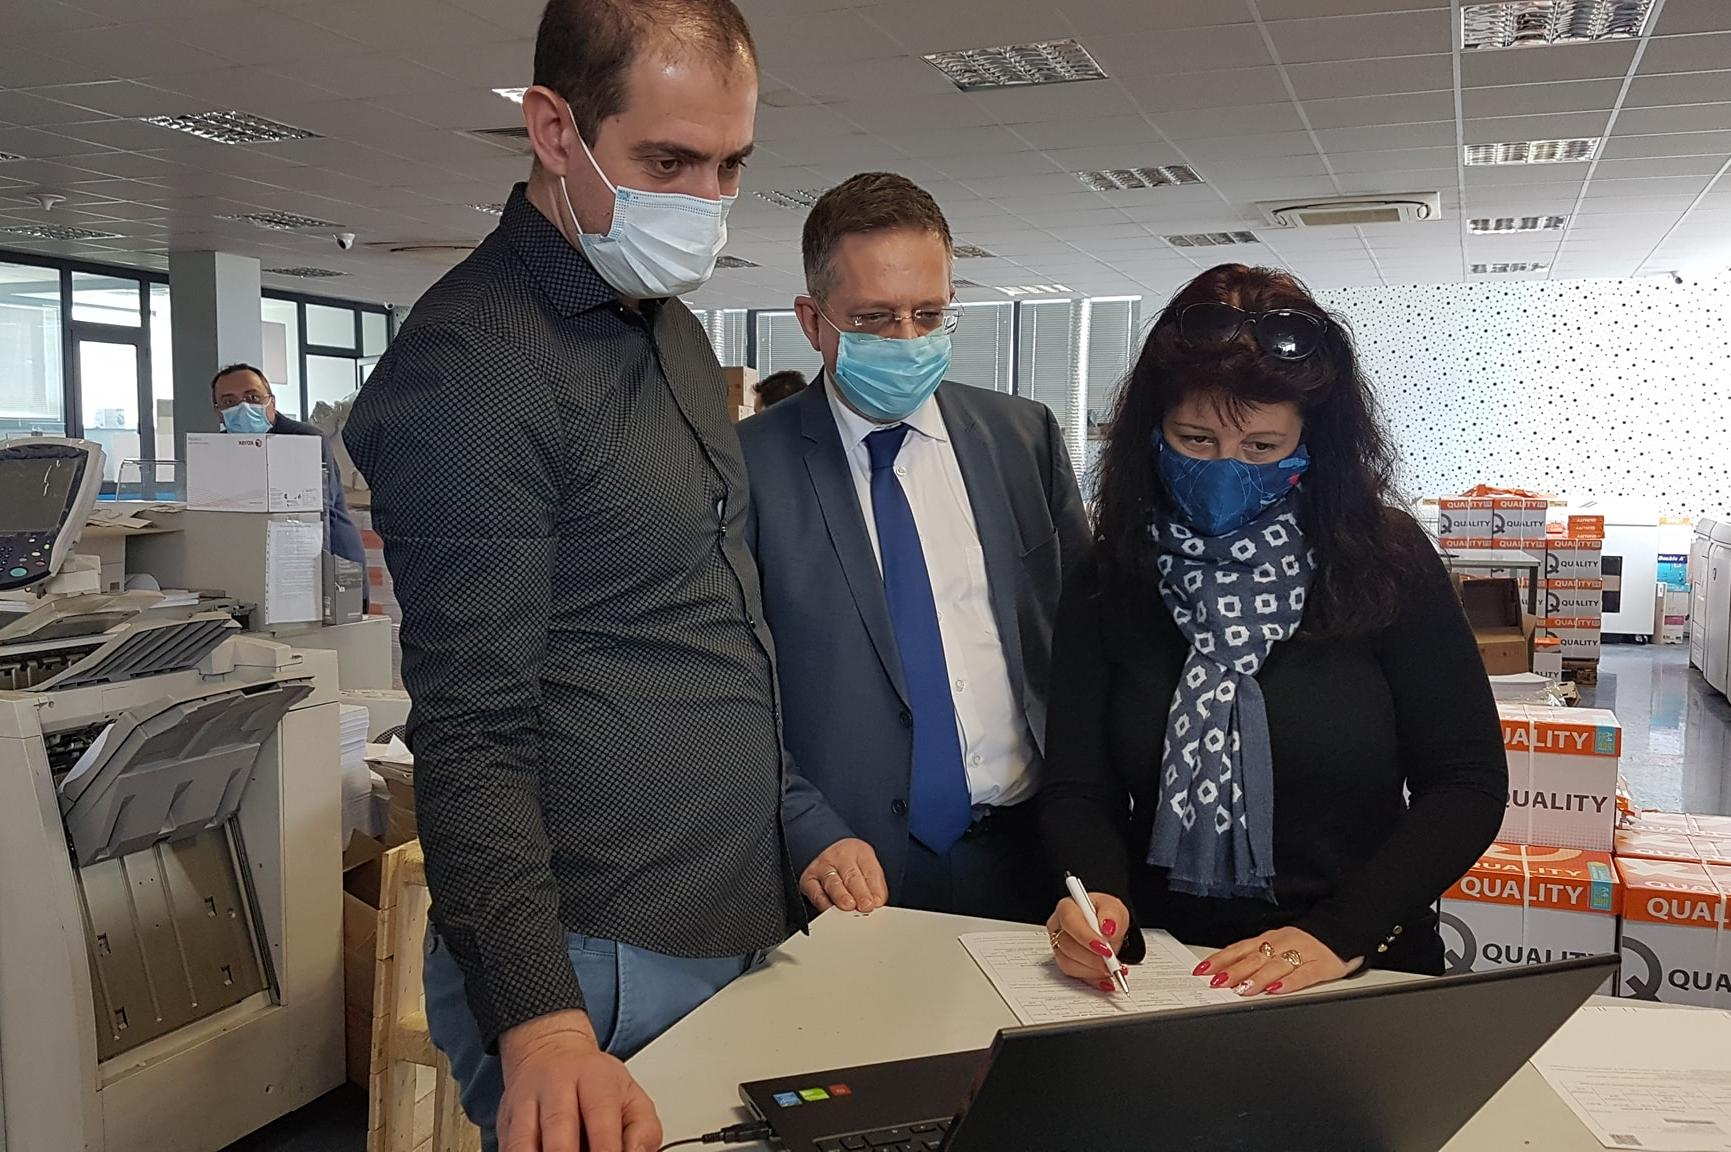 Вече започна печатането на съобщенията за местните данъци в София